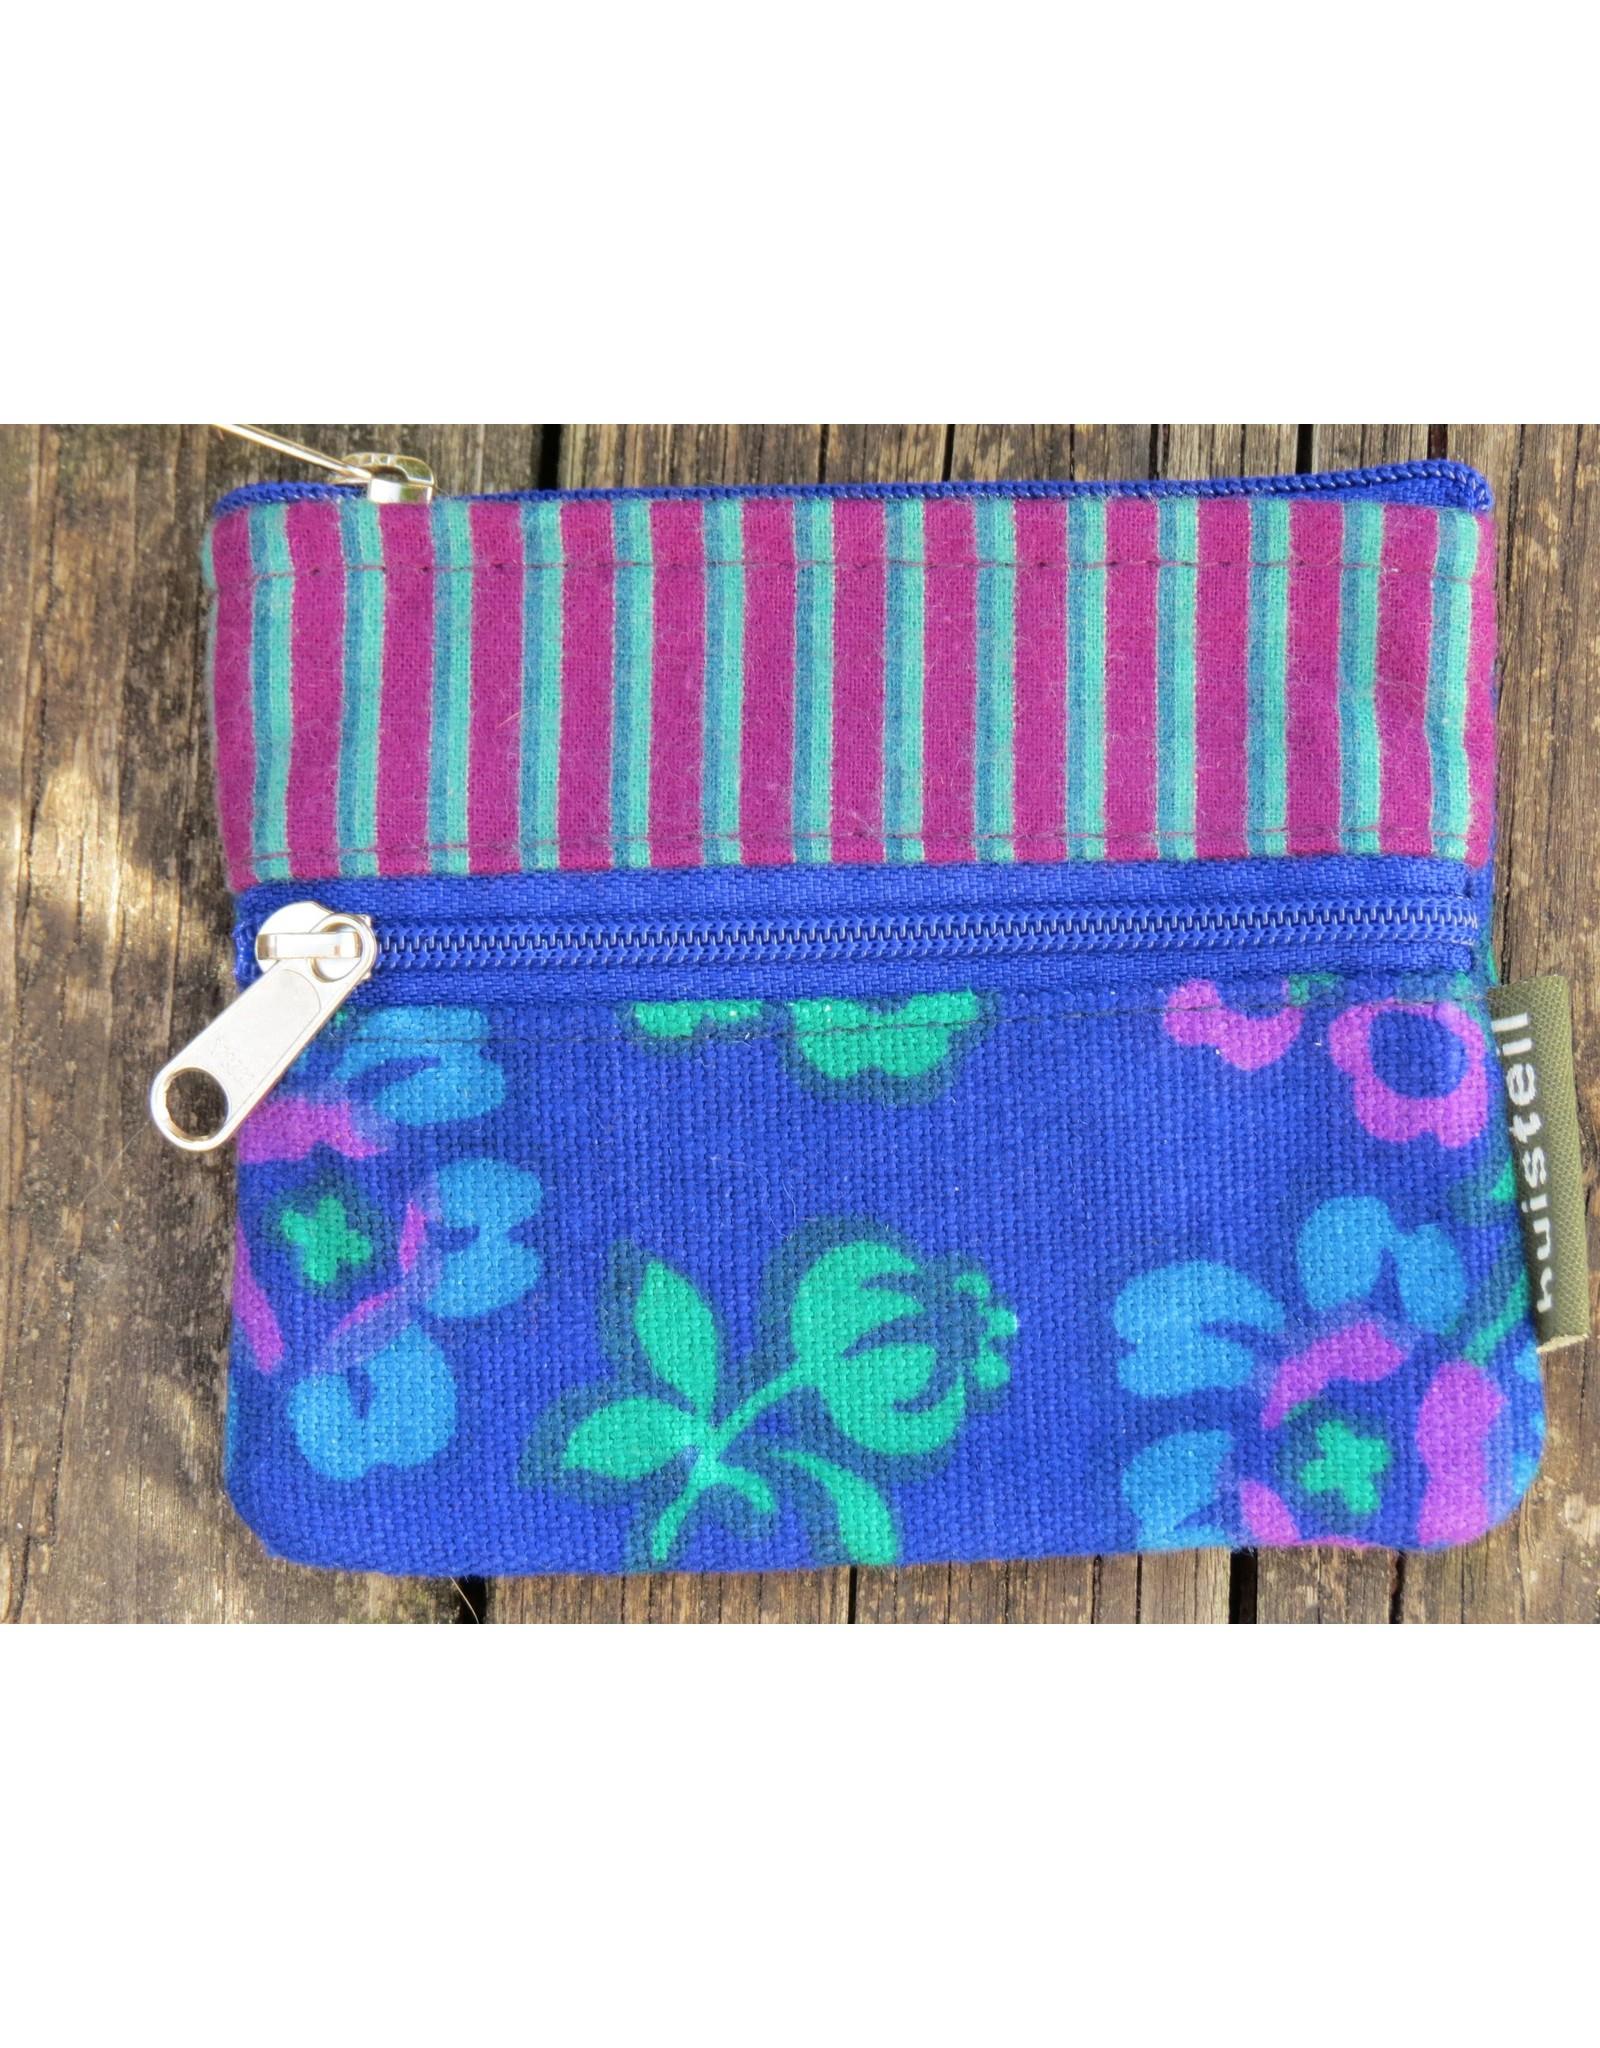 Huisteil Kleine vintage portemonnee - blauw streep